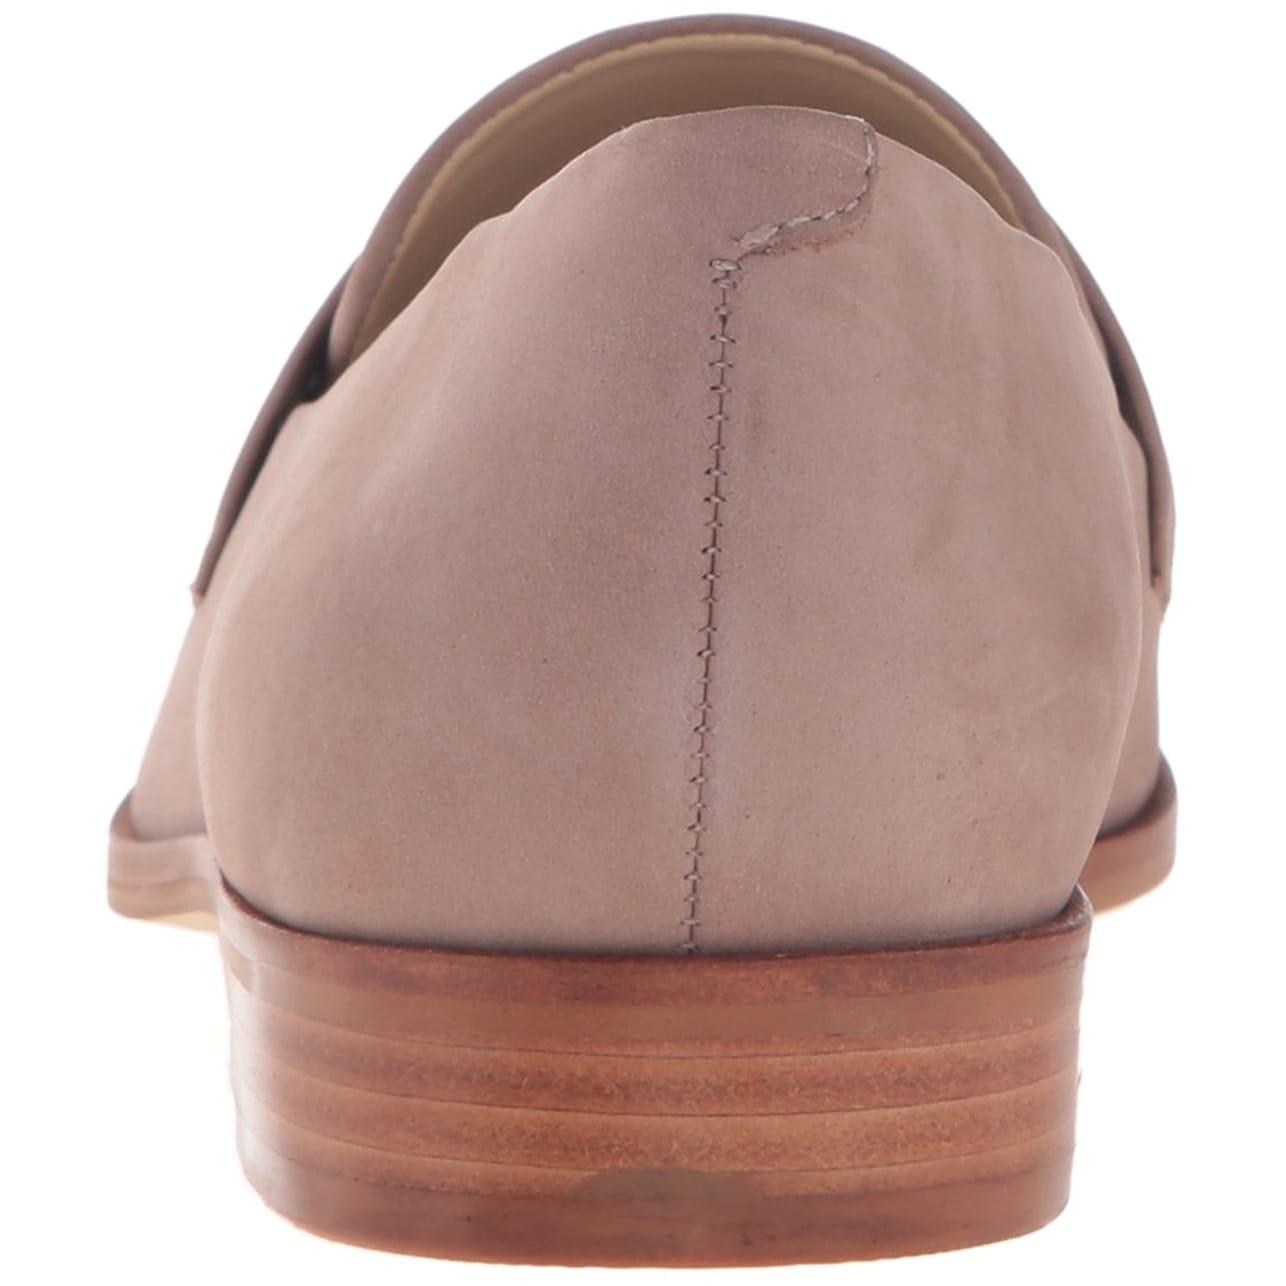 010c92a4370 STEVEN by Steve Madden Women's Quintus Slip-On Loafer